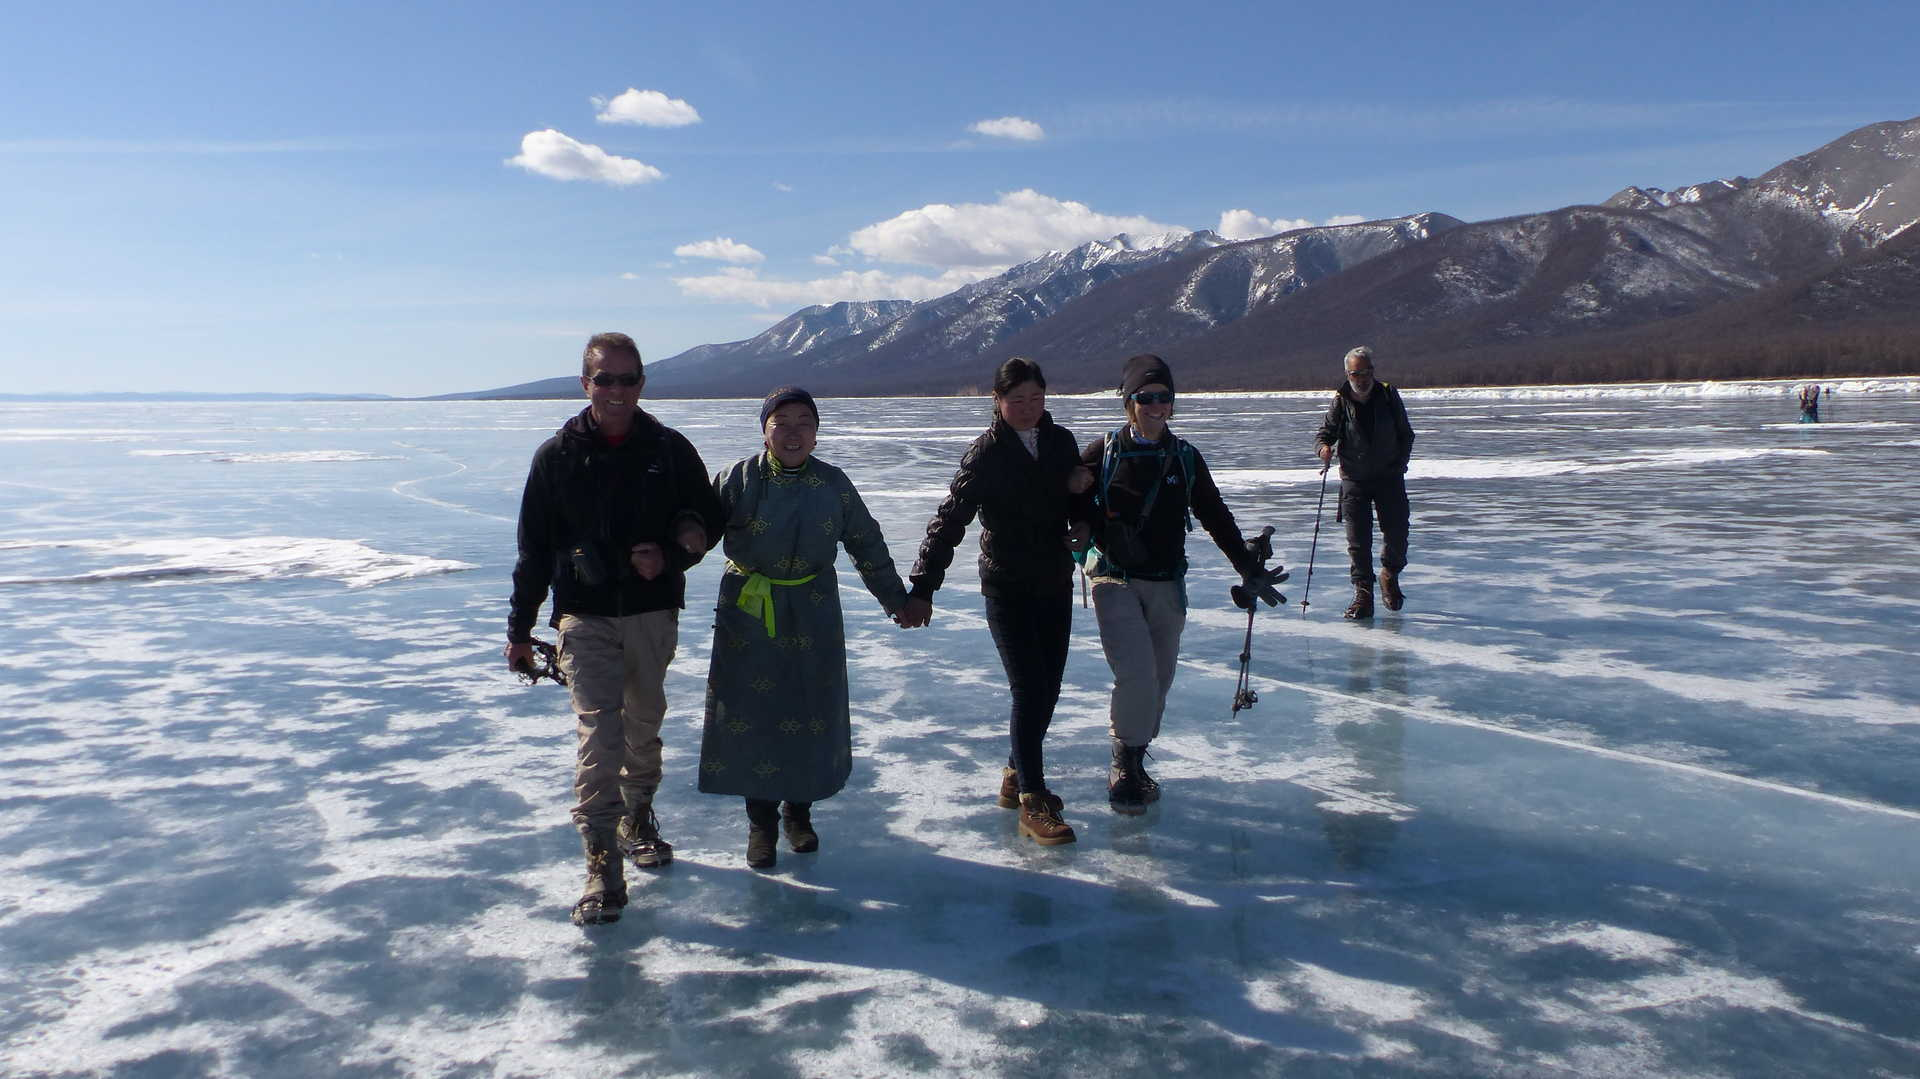 Randonné sur le lac Khovsgol en glace